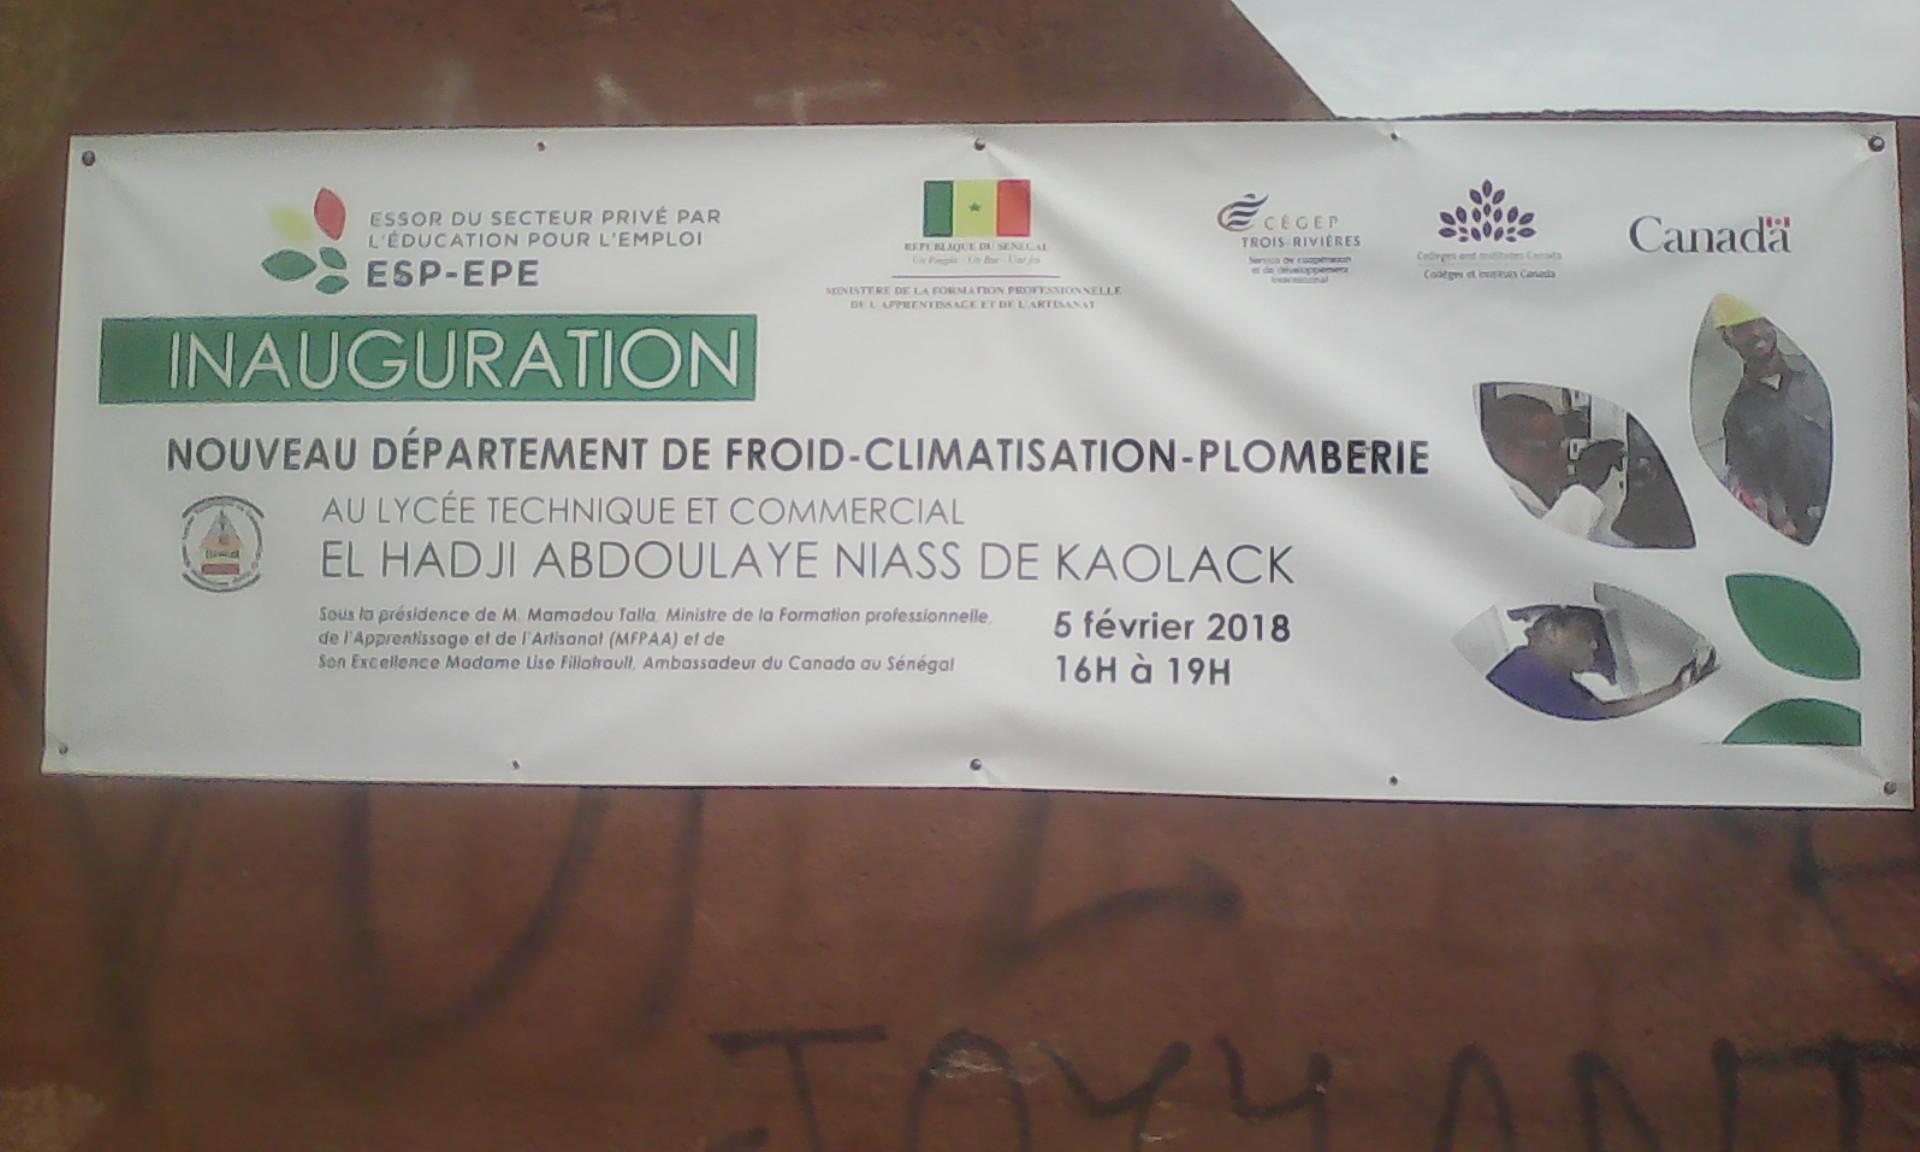 Kaolack : Le lycée technique et commercial devient un centre de référence en se dotant d'un nouveau département de Froid-Climatisation- Plomberie